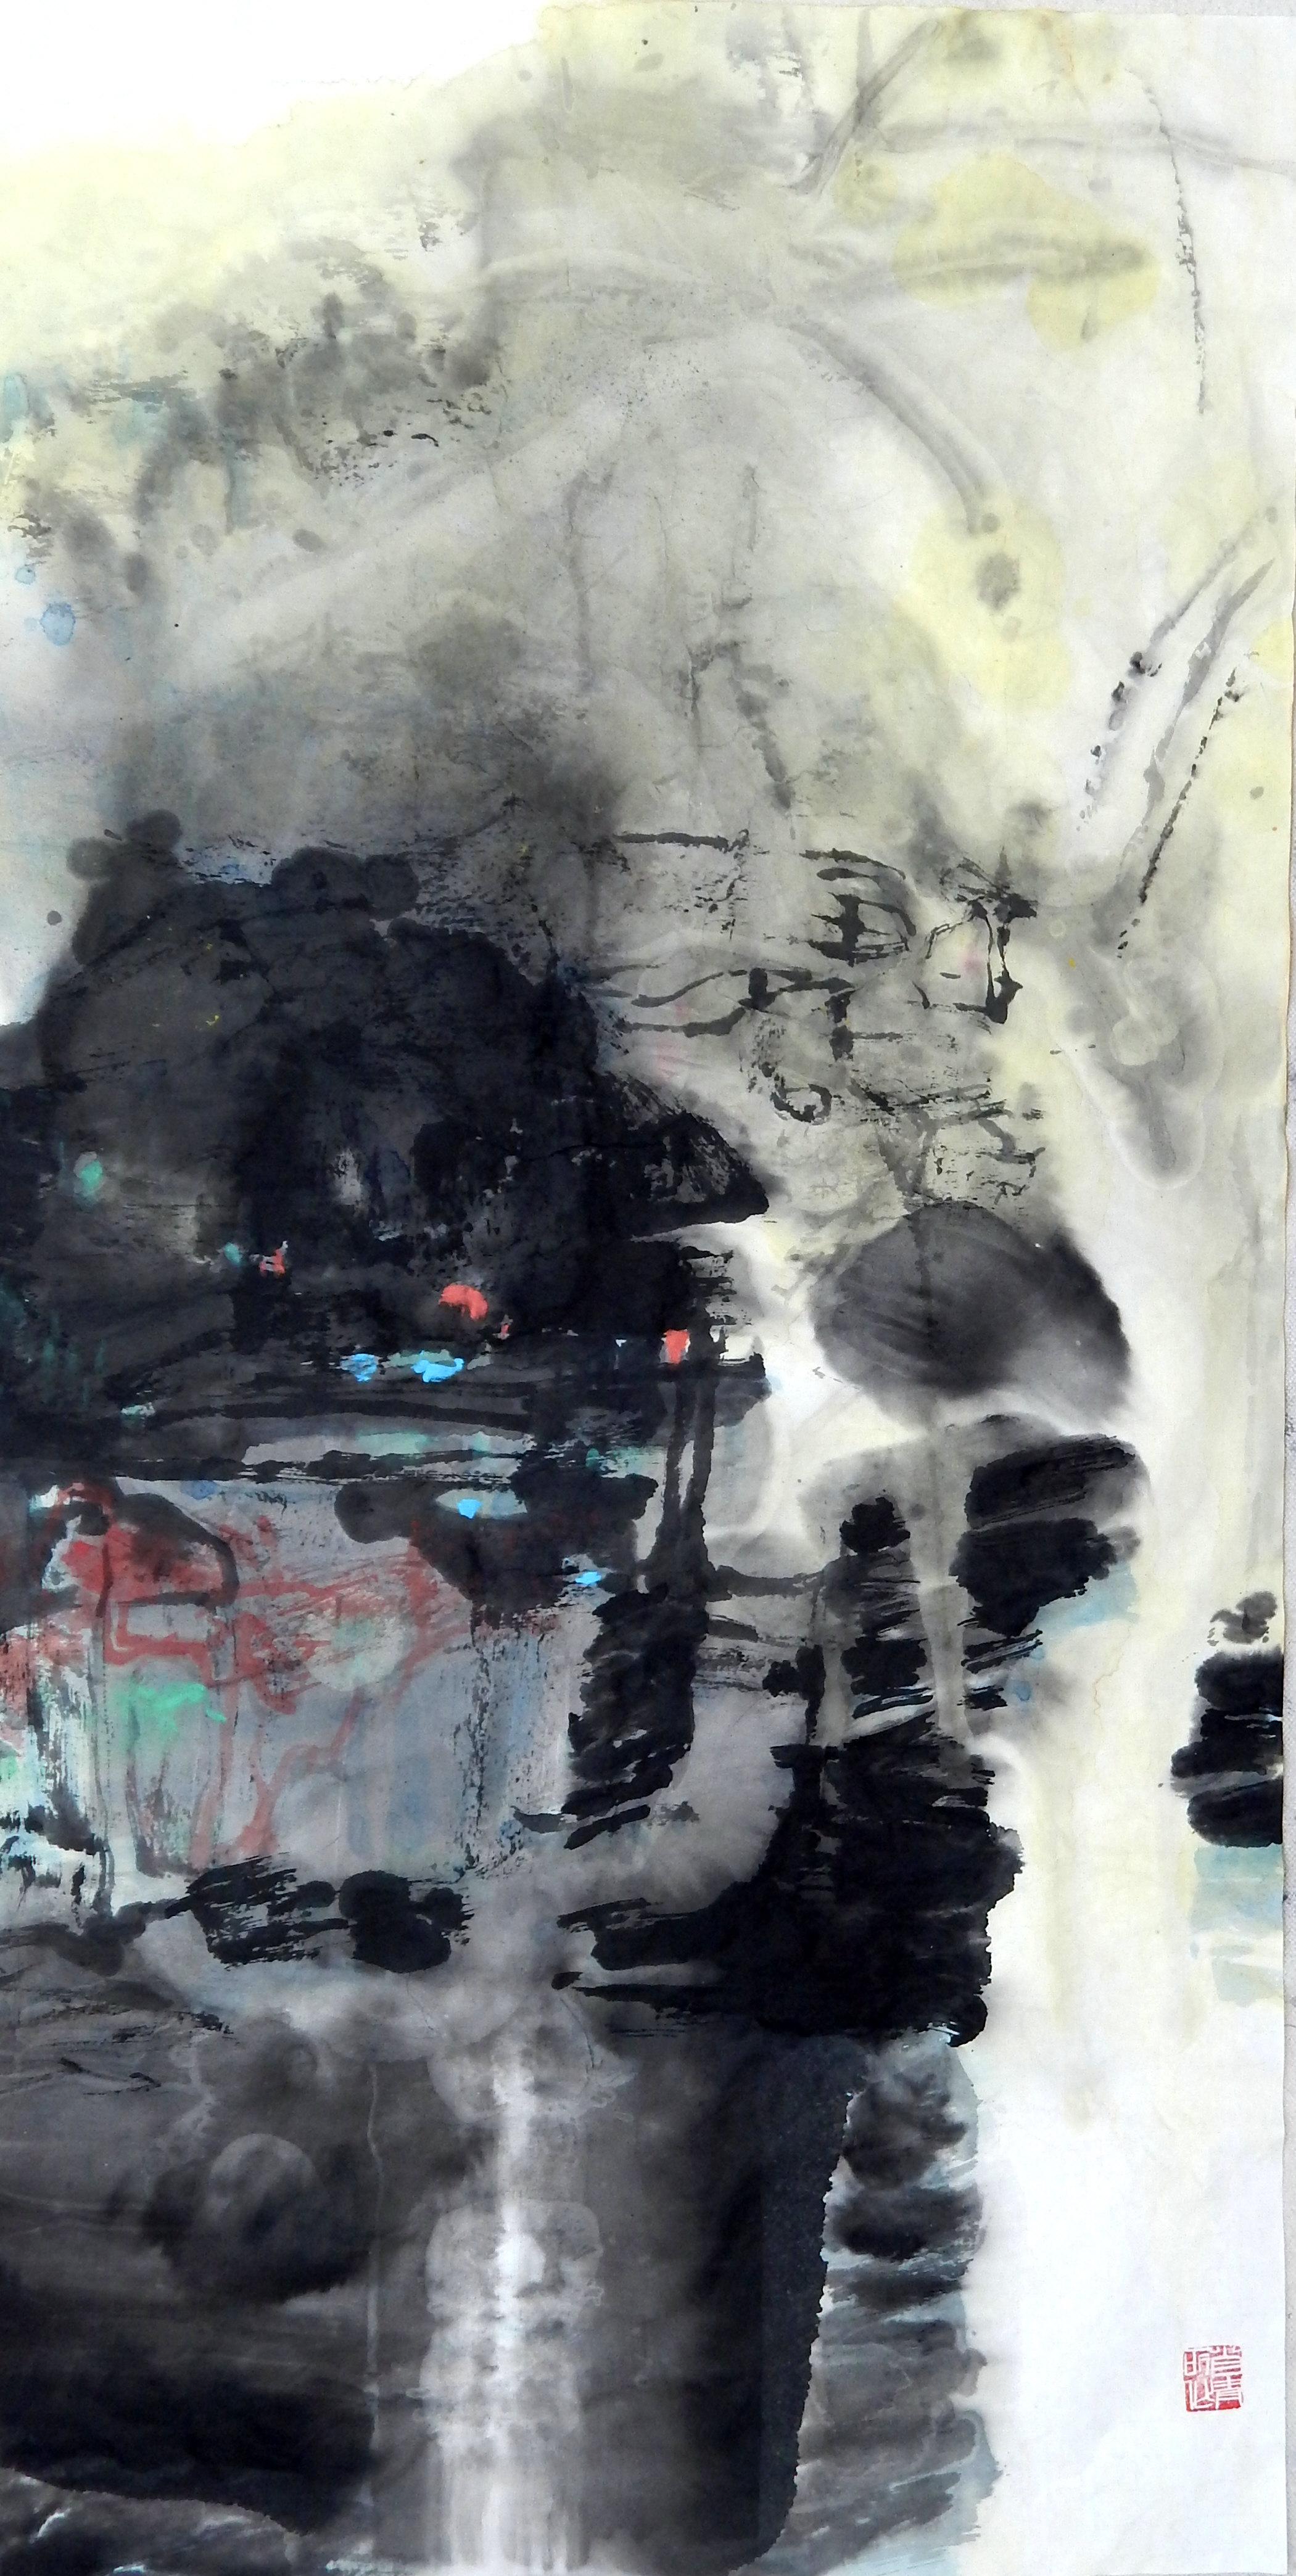 2016 烟雨江南        Brume  du sud      137 x 68